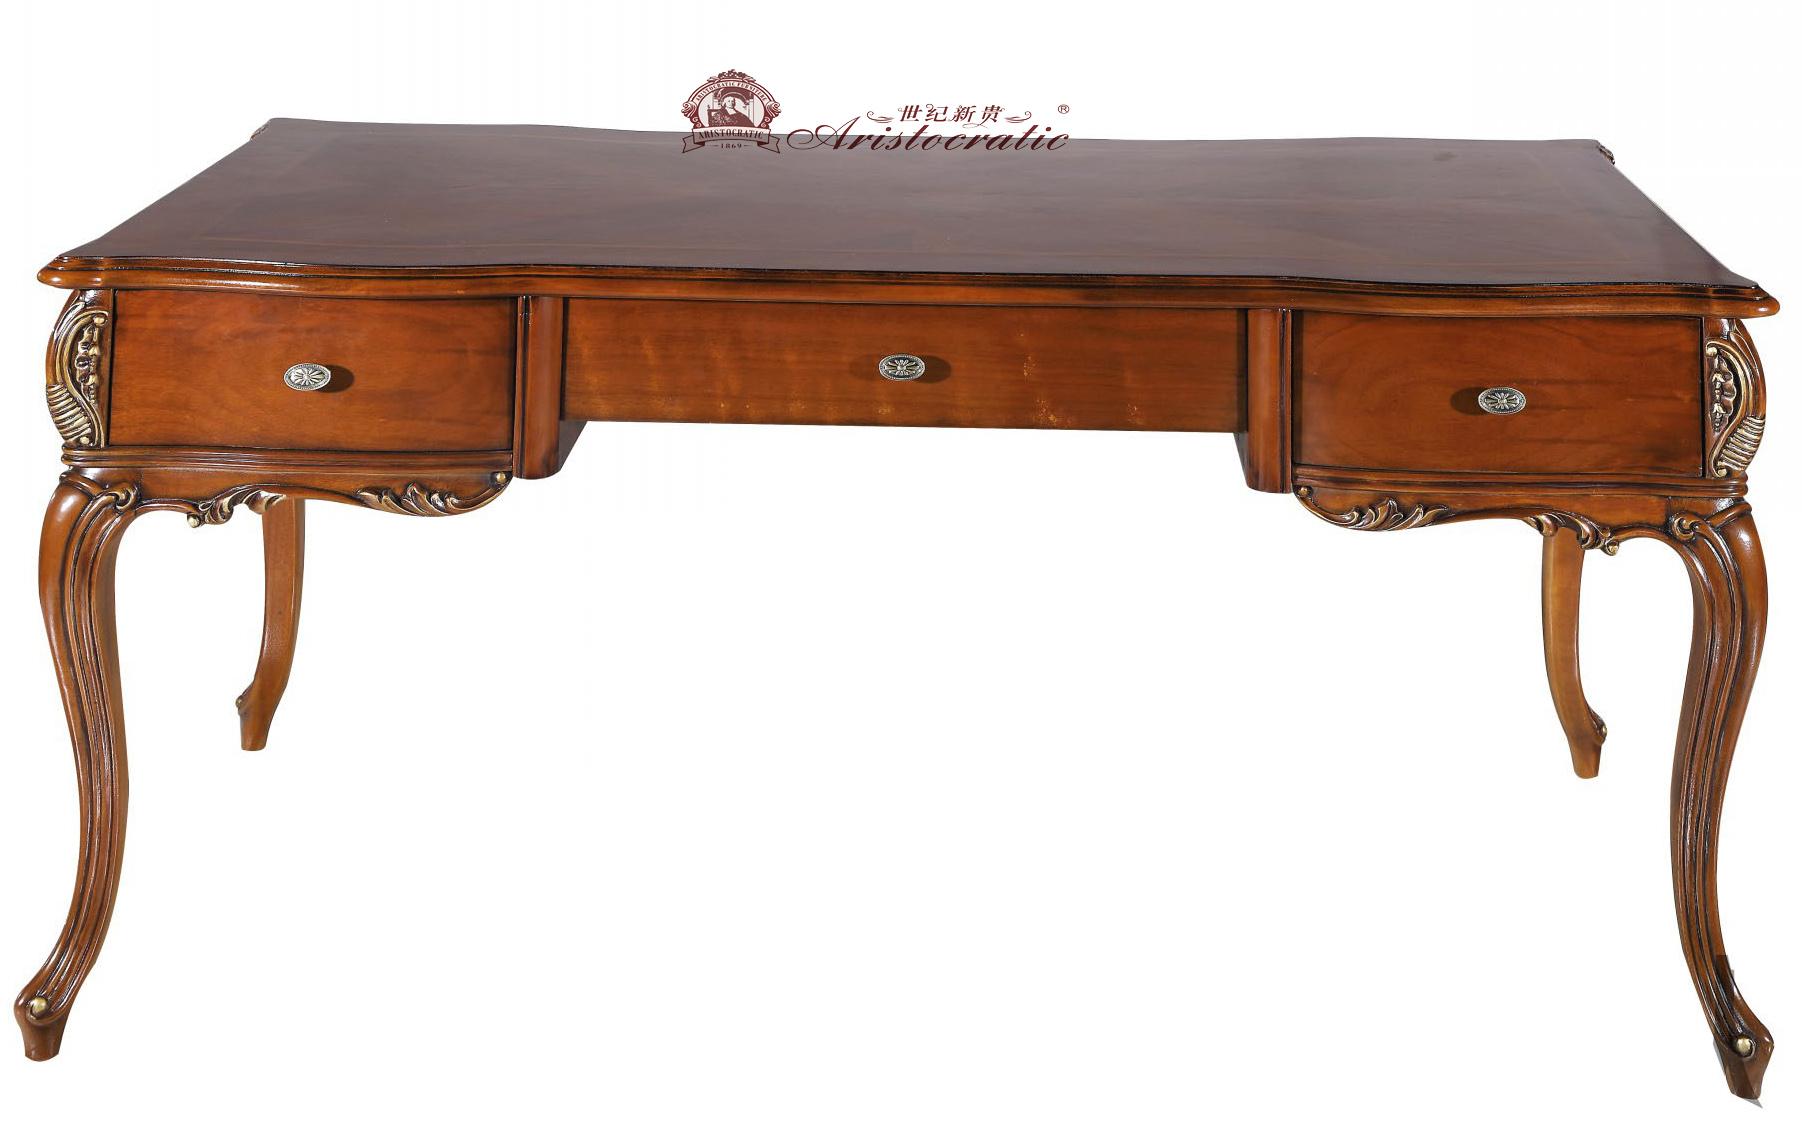 卡诺瓦欧式贵族皇室古典复古书桌